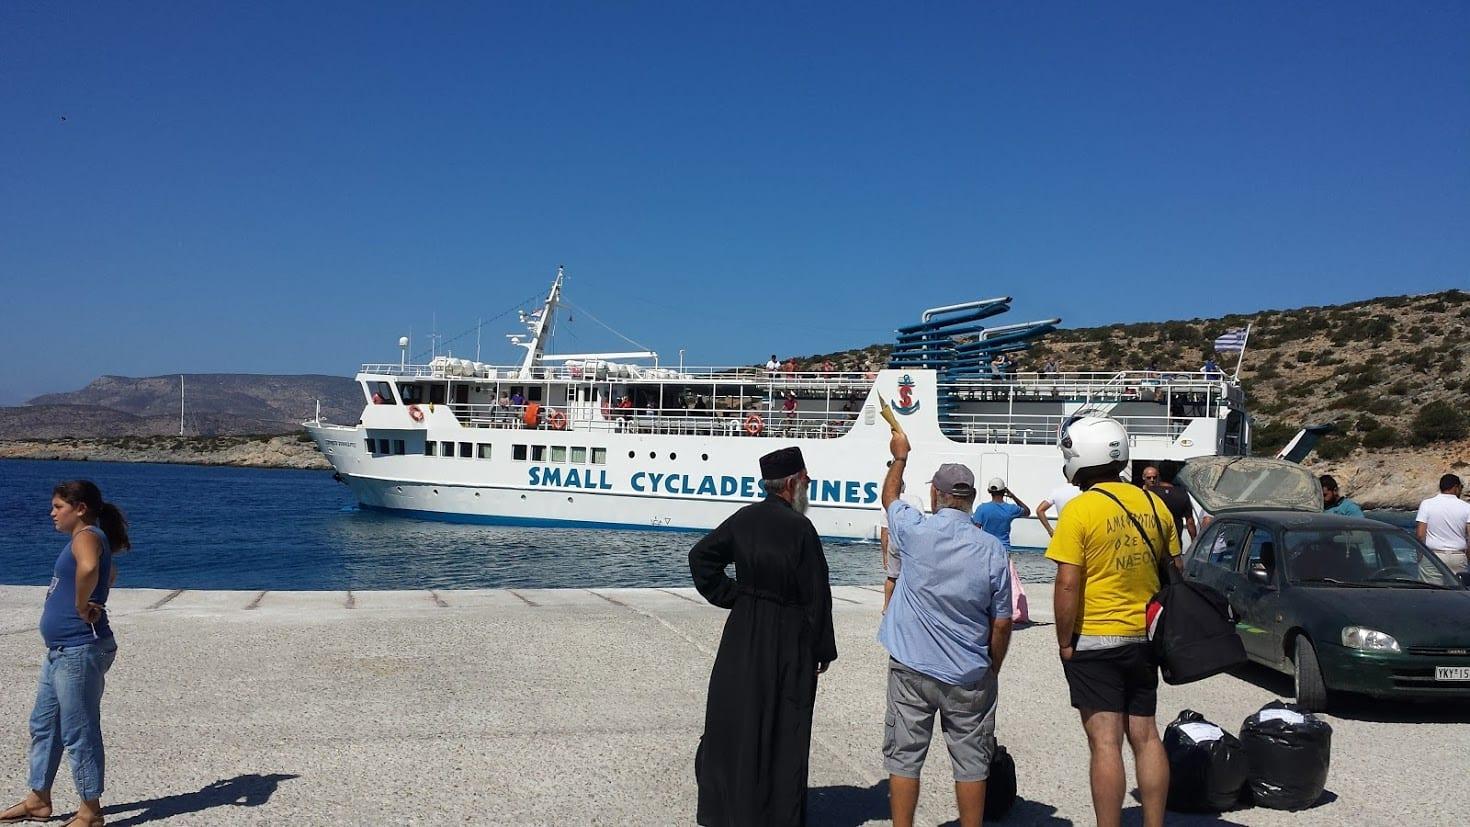 Taking the ferry to Schinoussa